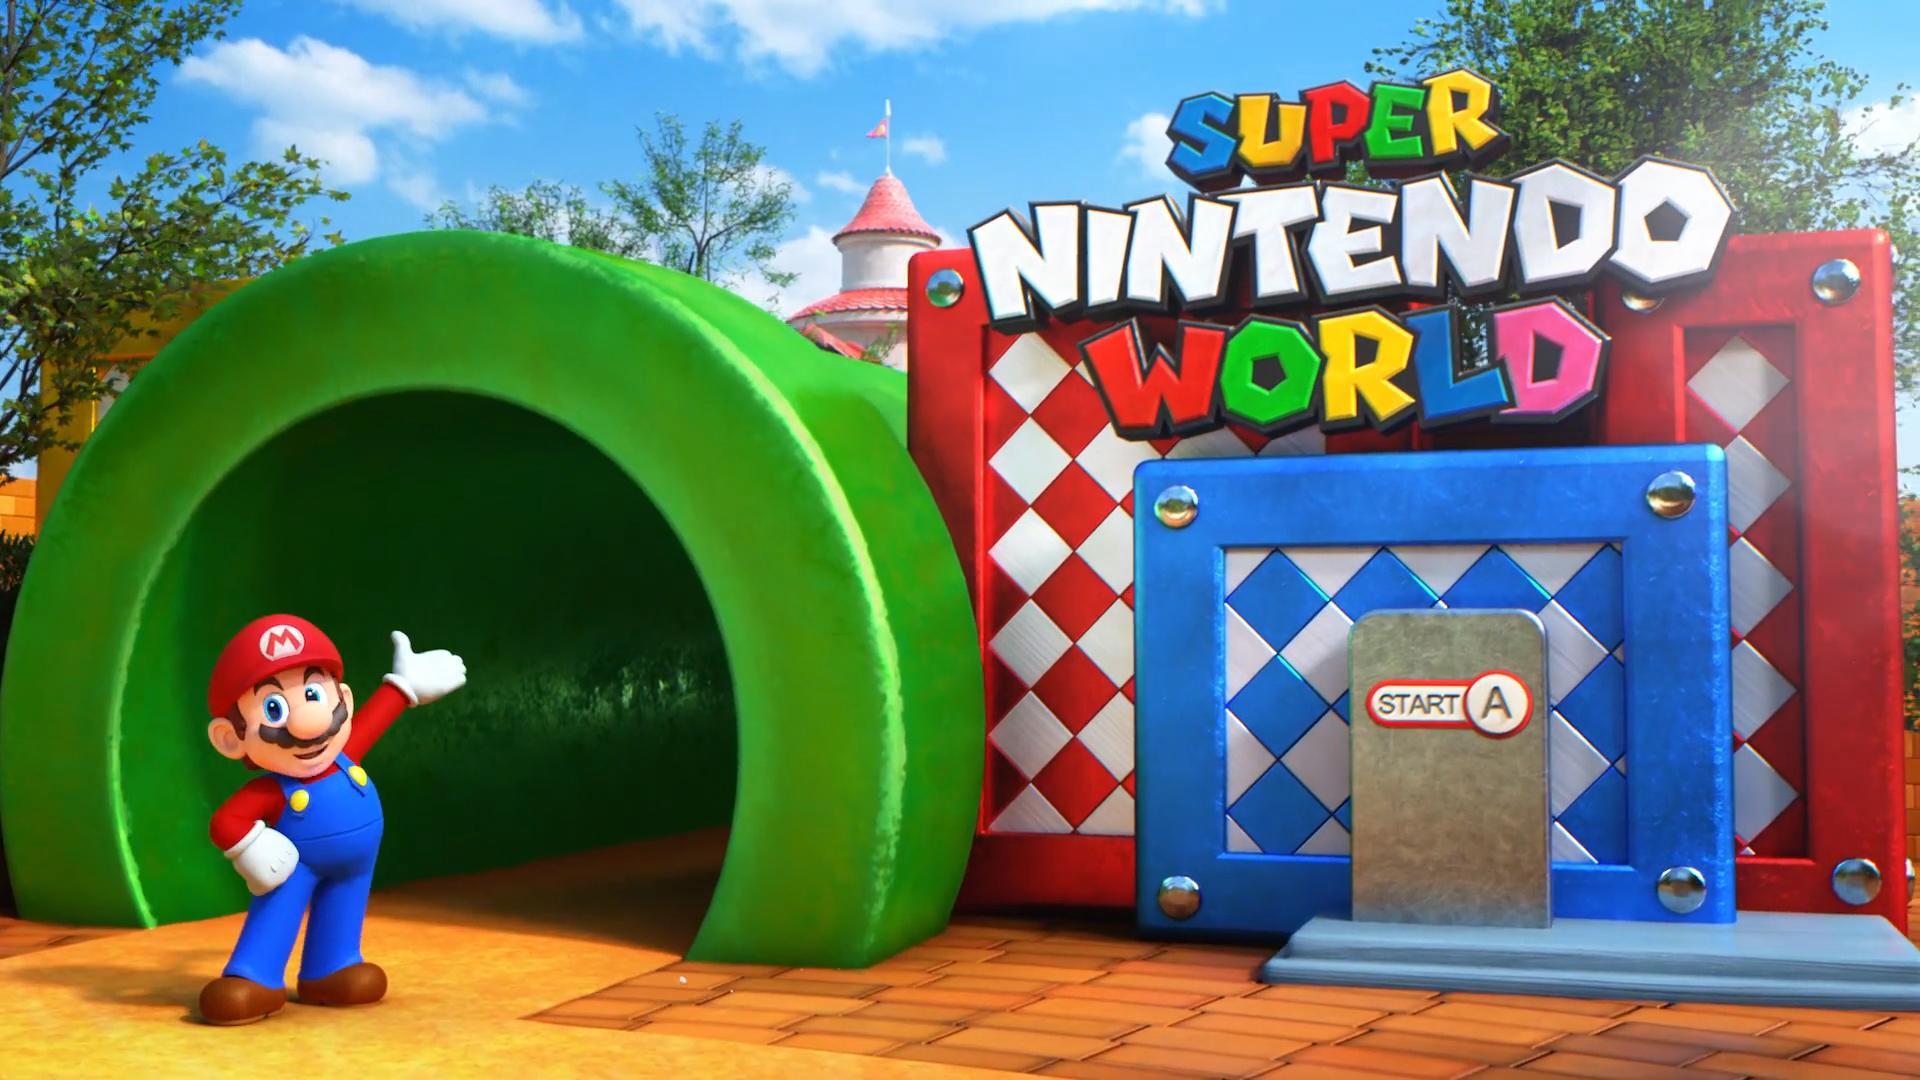 Le parc d'attractions Super Nintendo World ouvre ses portes avec Mario Kart et Yoshi rides